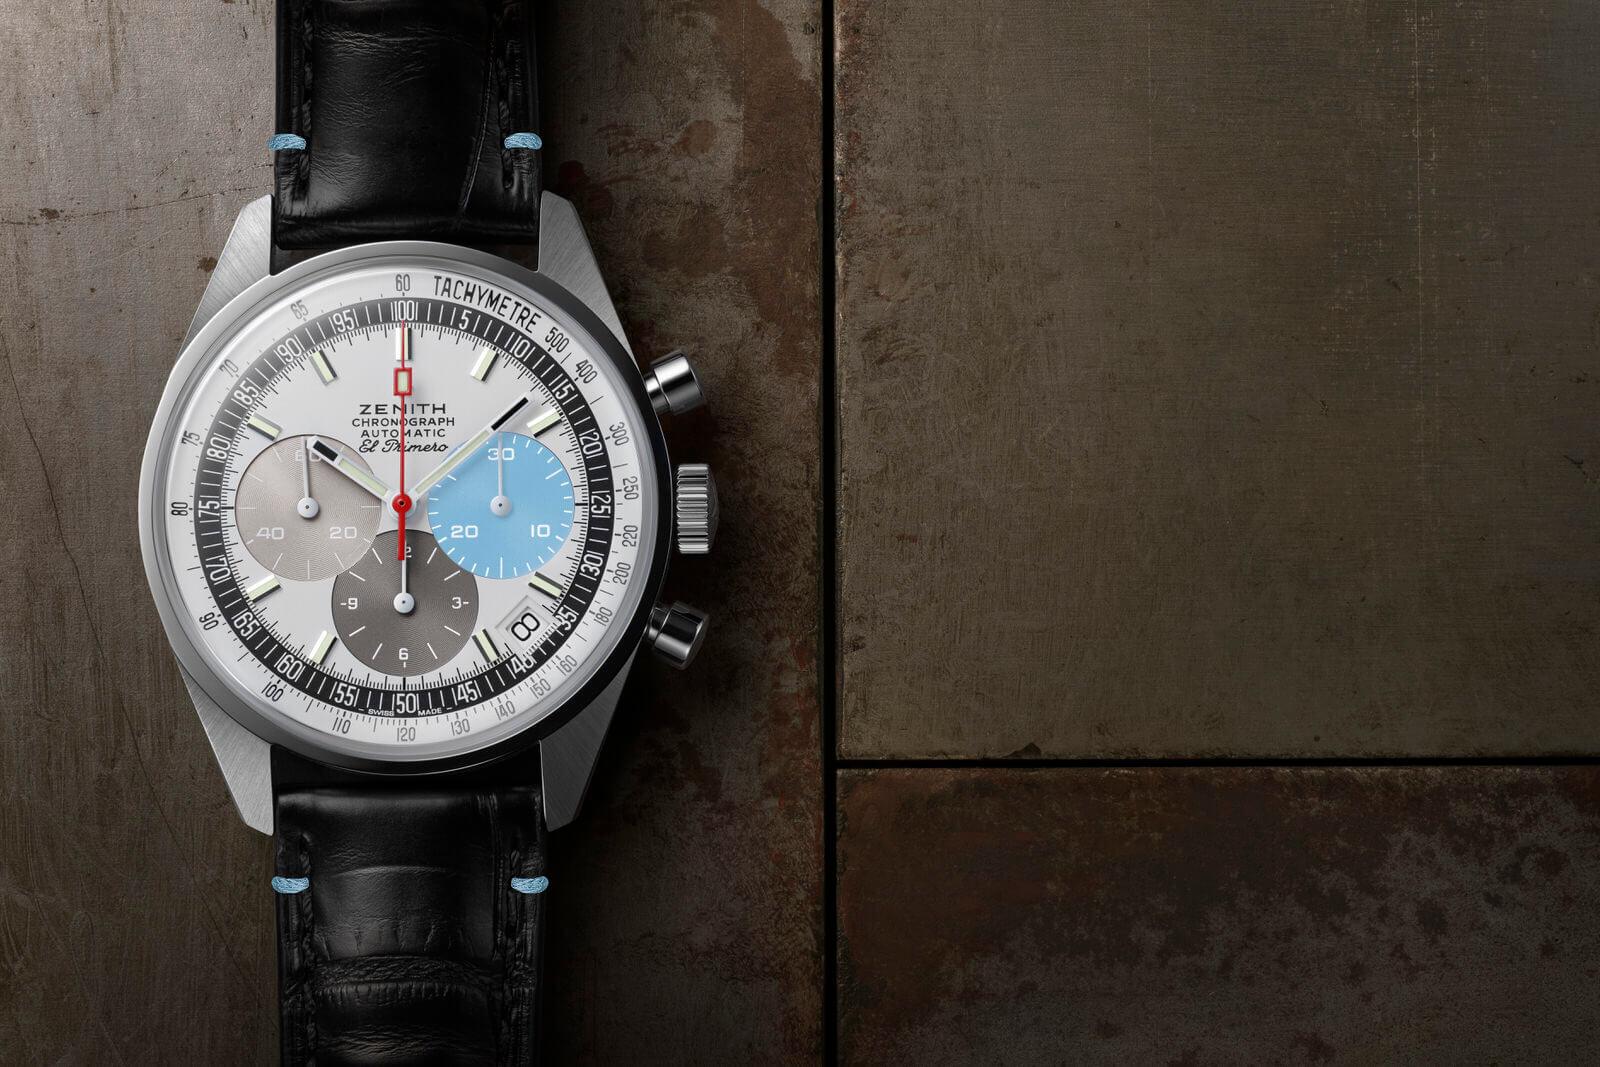 Zenith El Primero A386 Revival Only Watch debajo del reloj